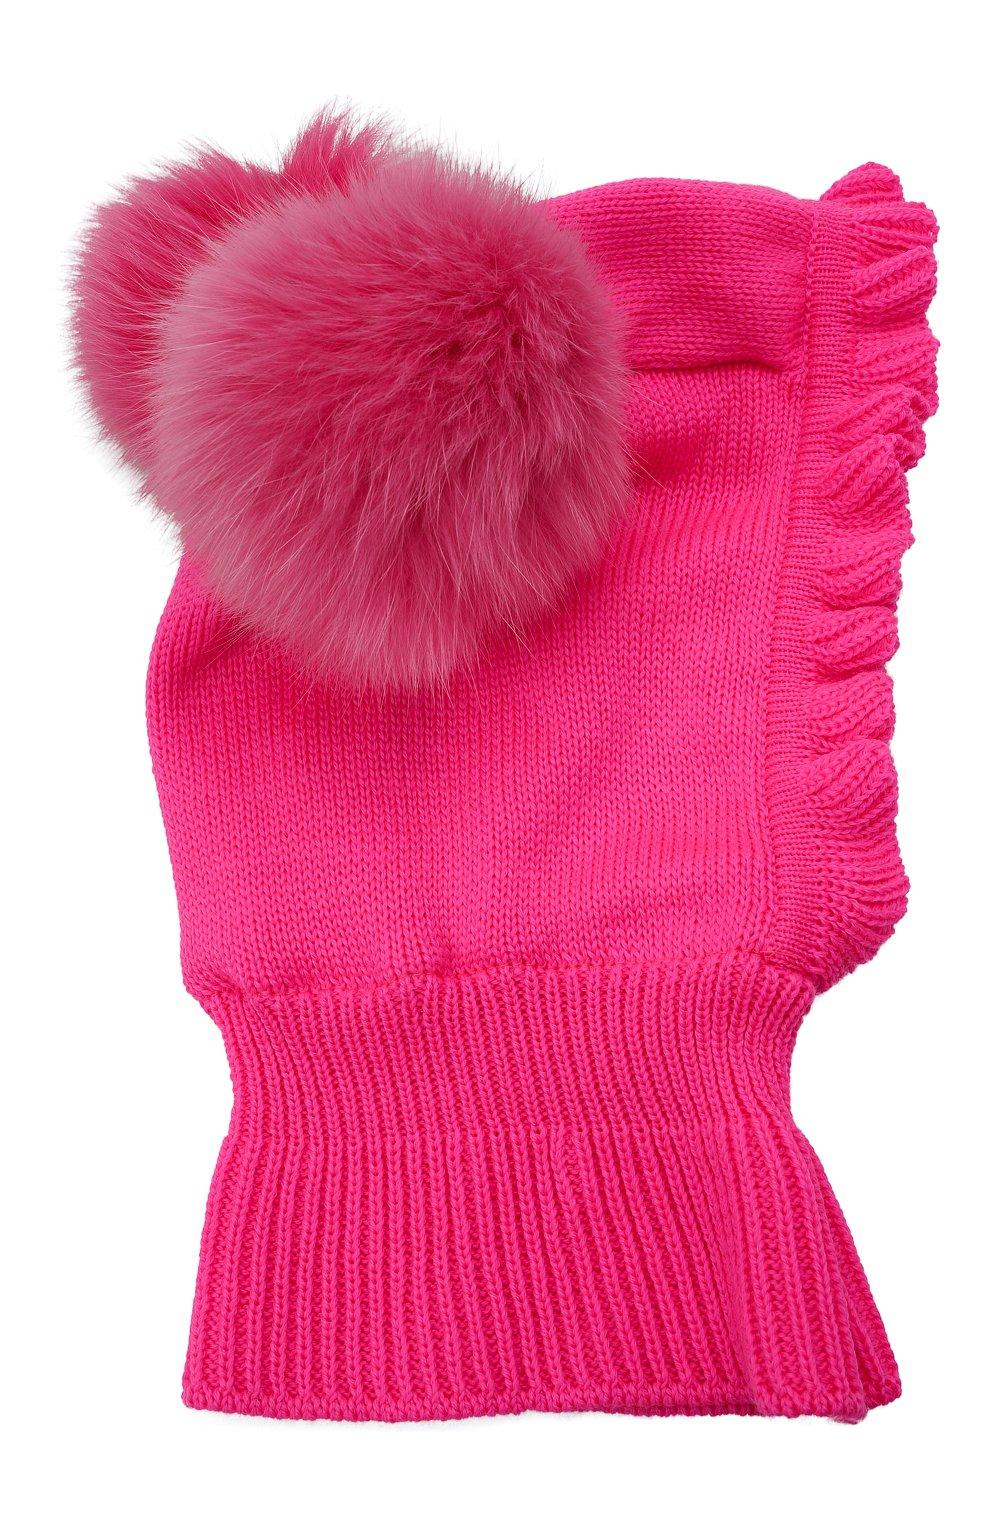 Детского шерстяная шапка-балаклава CATYA фуксия цвета, арт. 125617/P   Фото 1 (Материал: Шерсть)